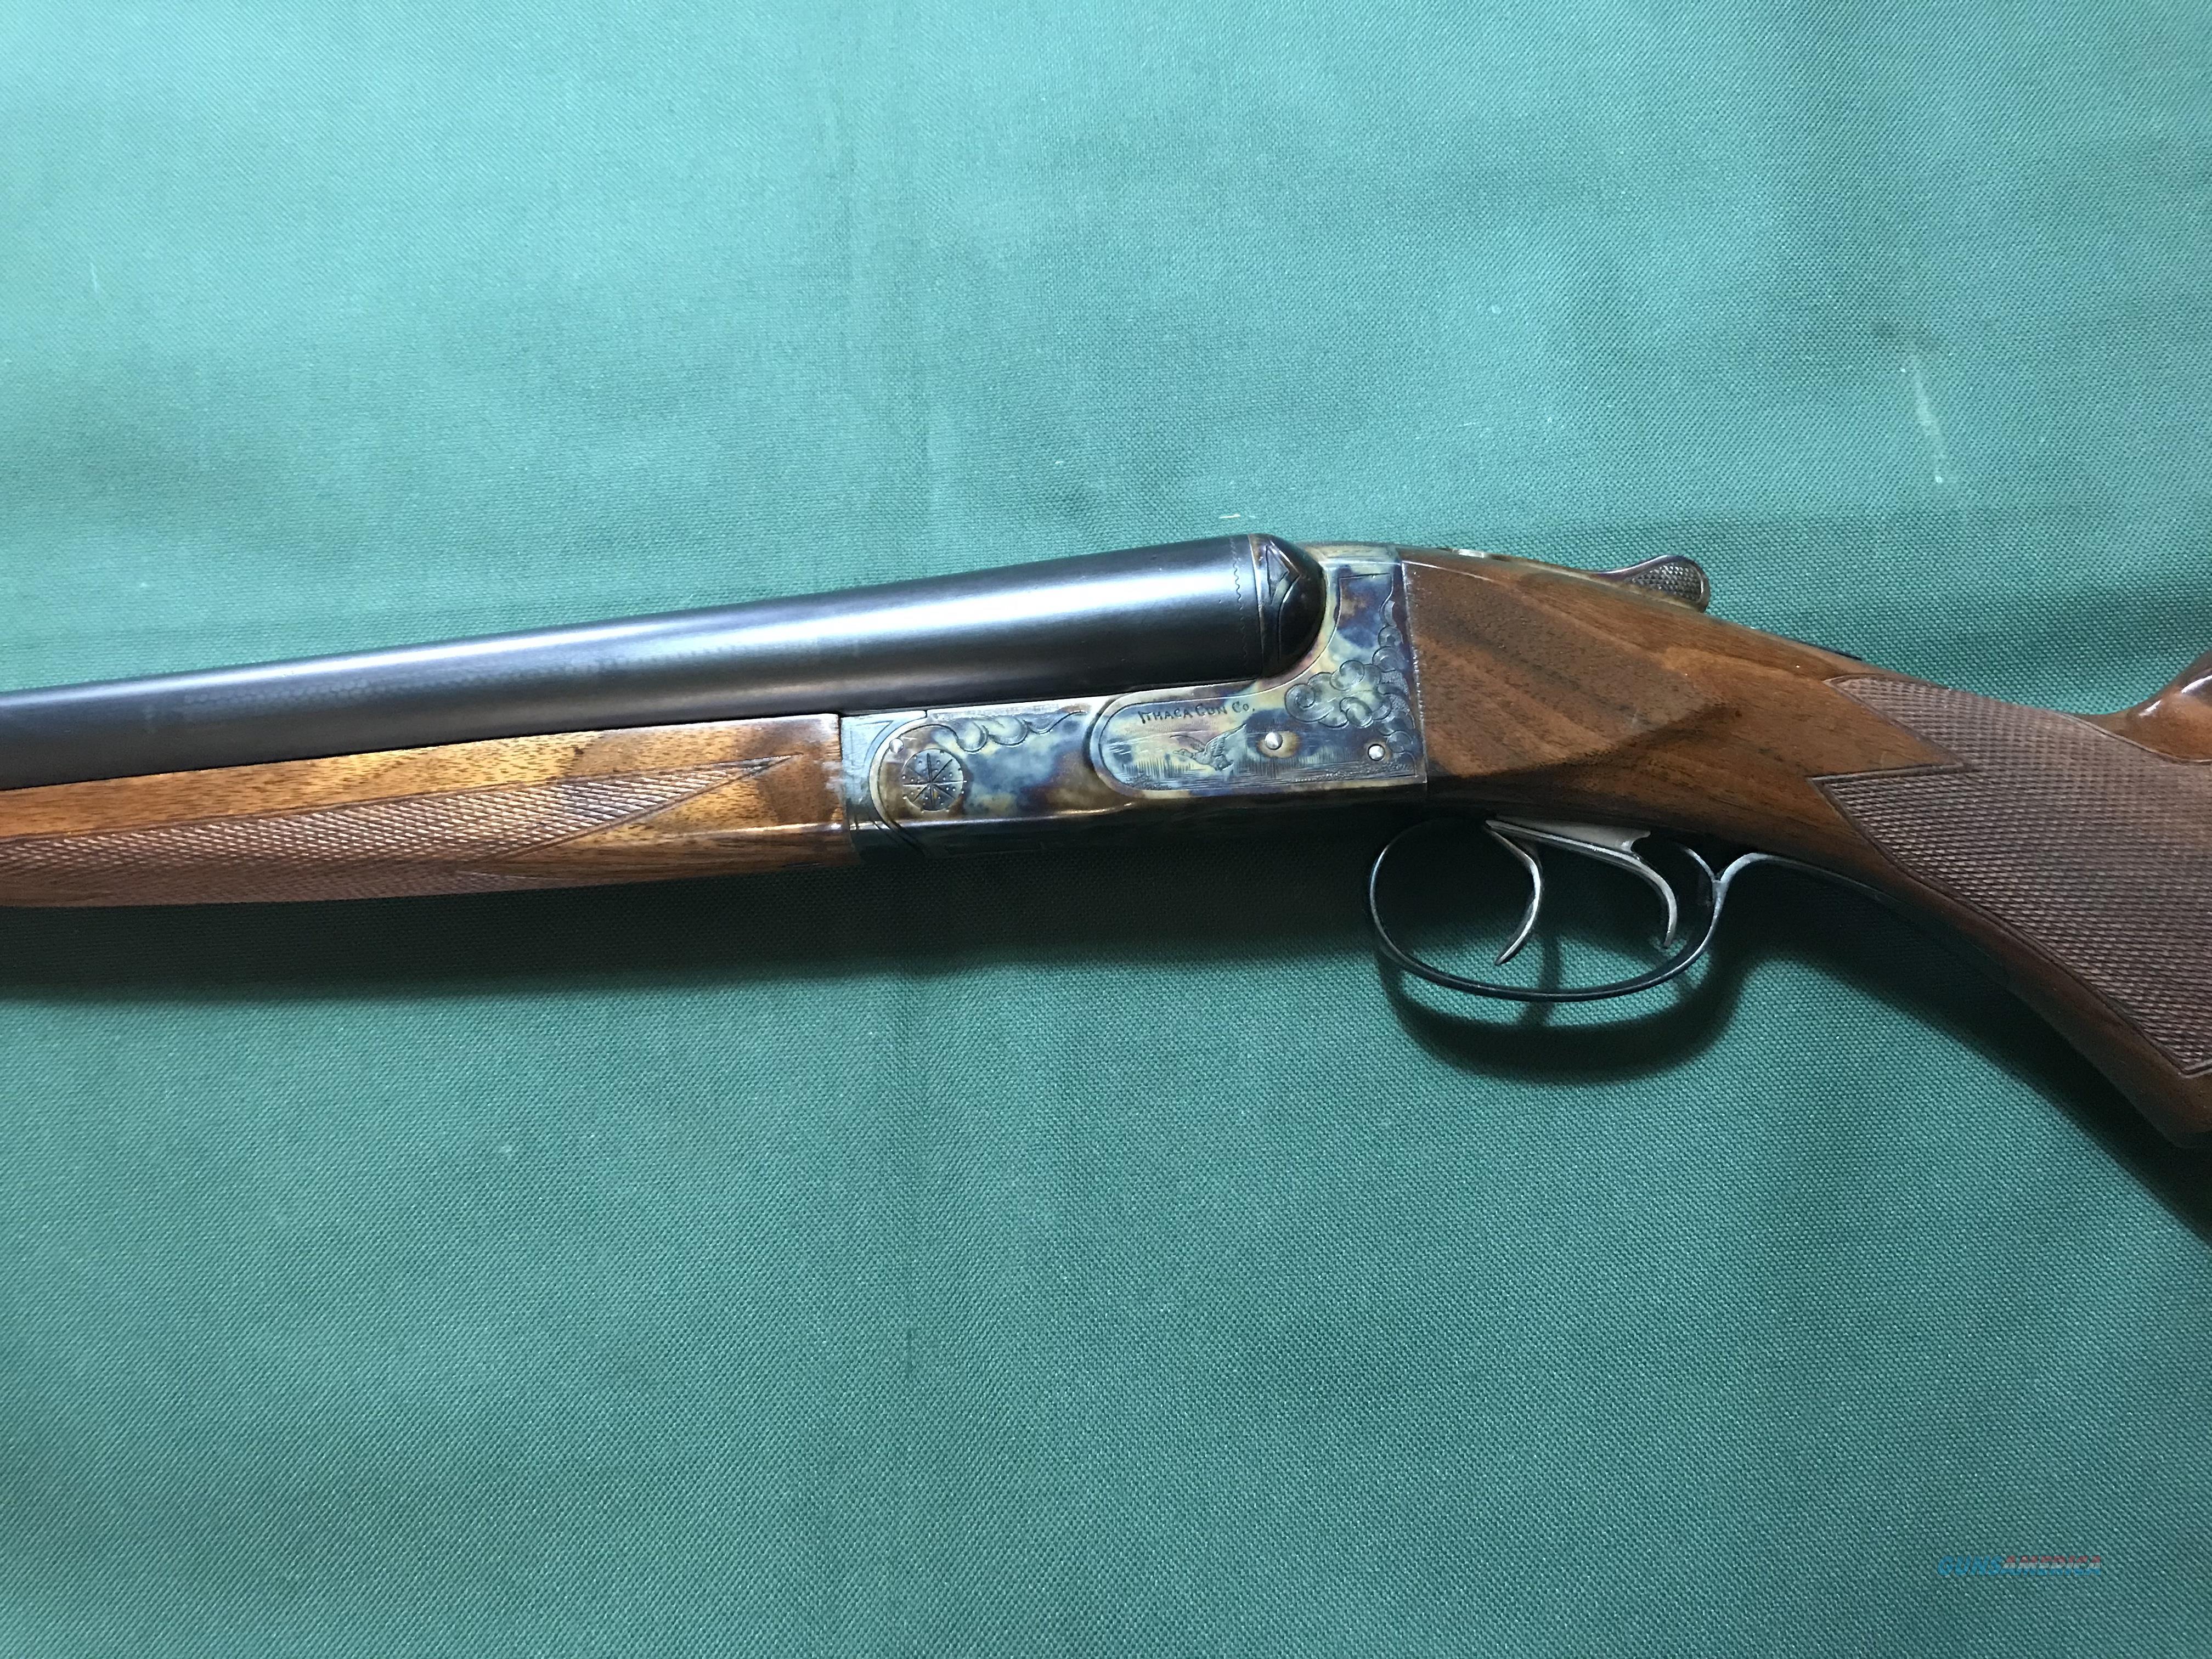 Ithaca NID Grade 2 Magnum 12 Ga - Very Rare  Guns > Shotguns > Ithaca Shotguns > SxS